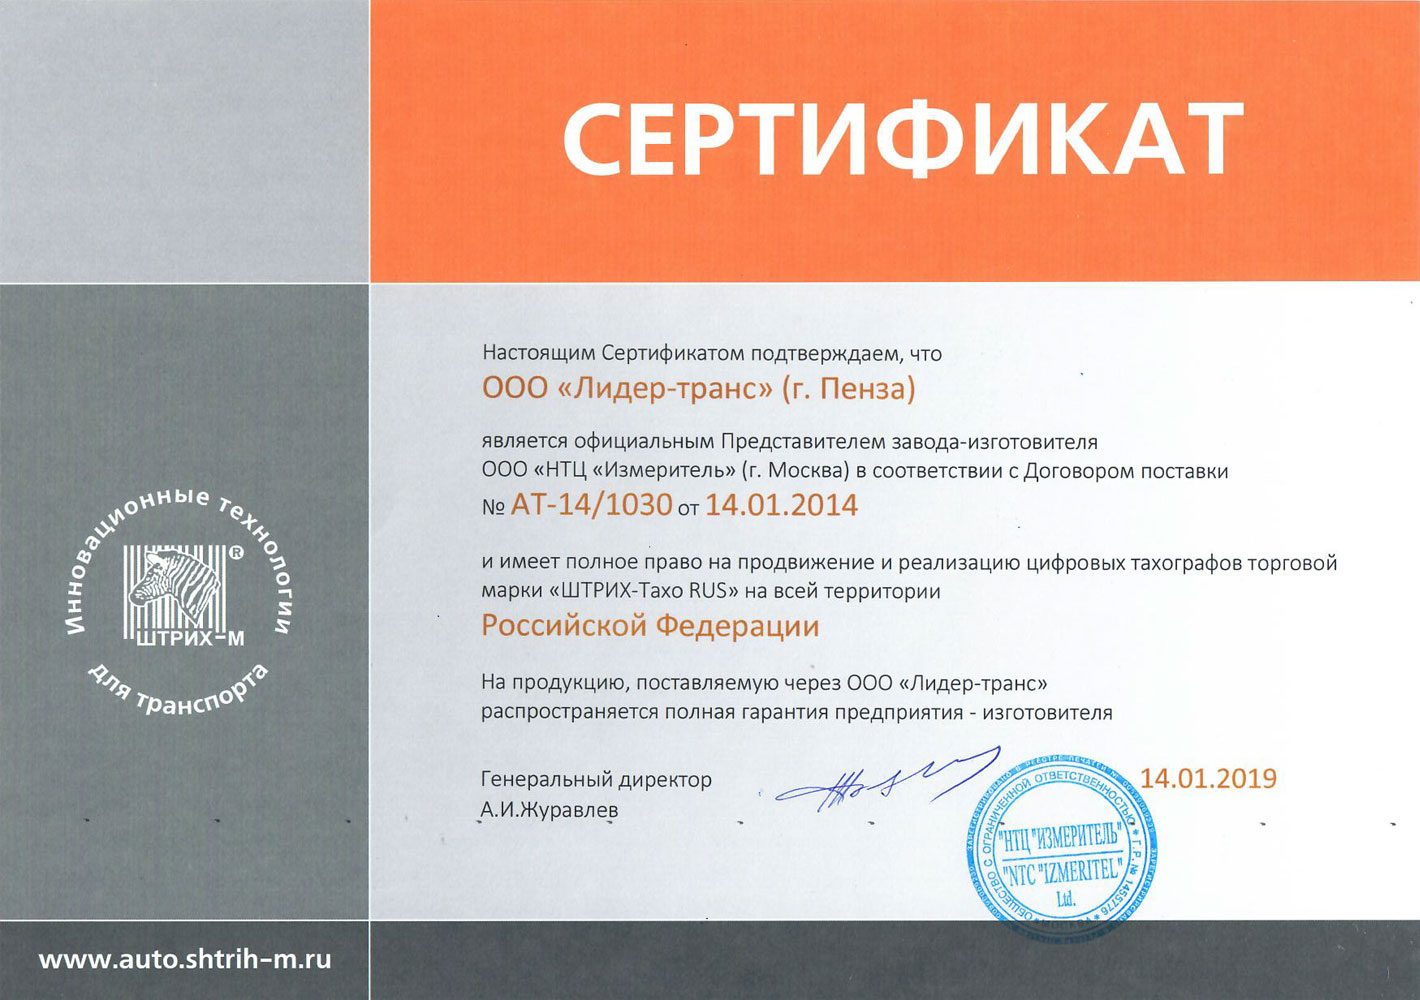 Официальный представитель Штрих